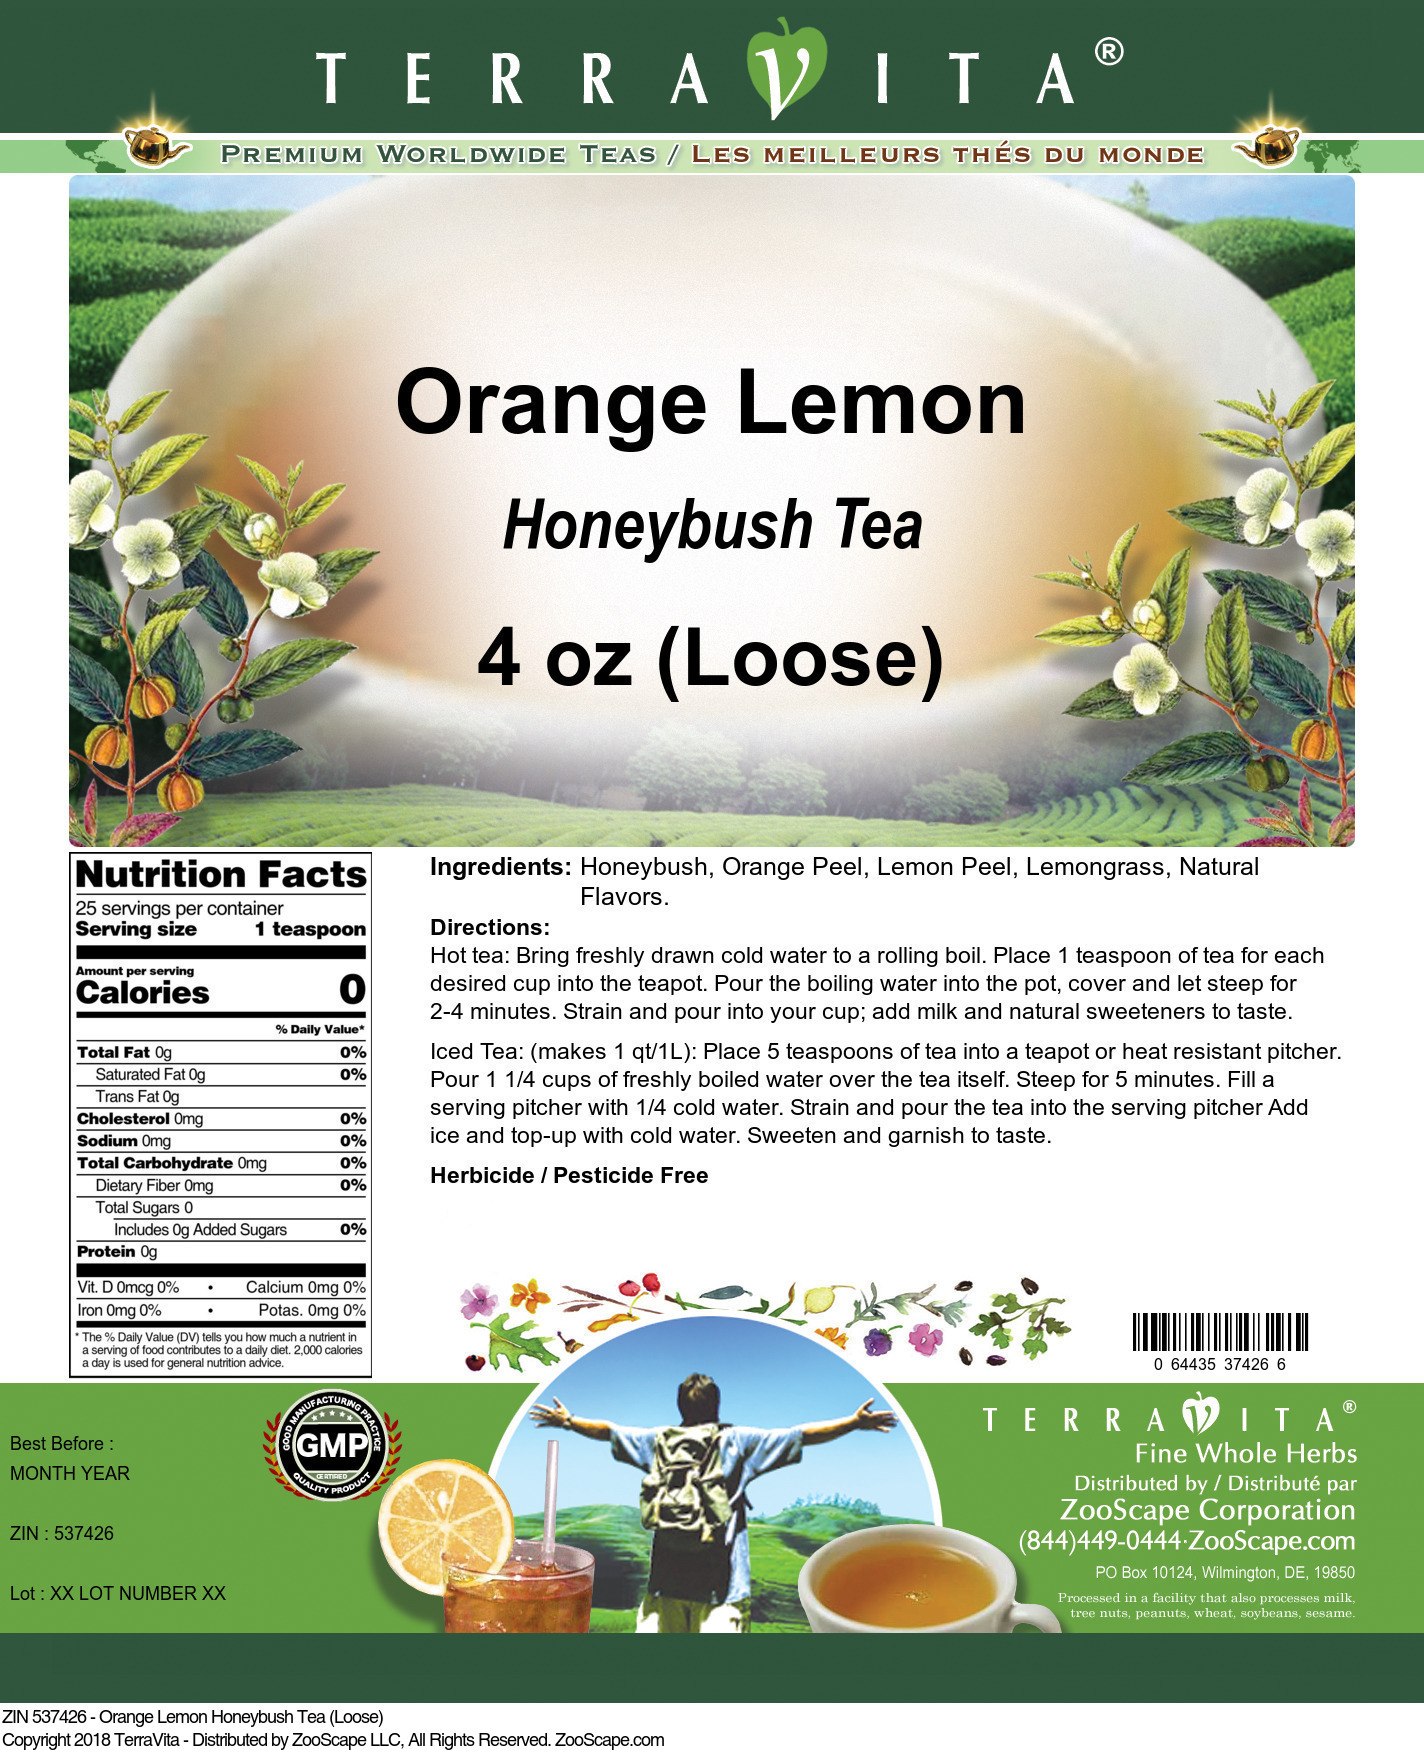 Orange Lemon Honeybush Tea